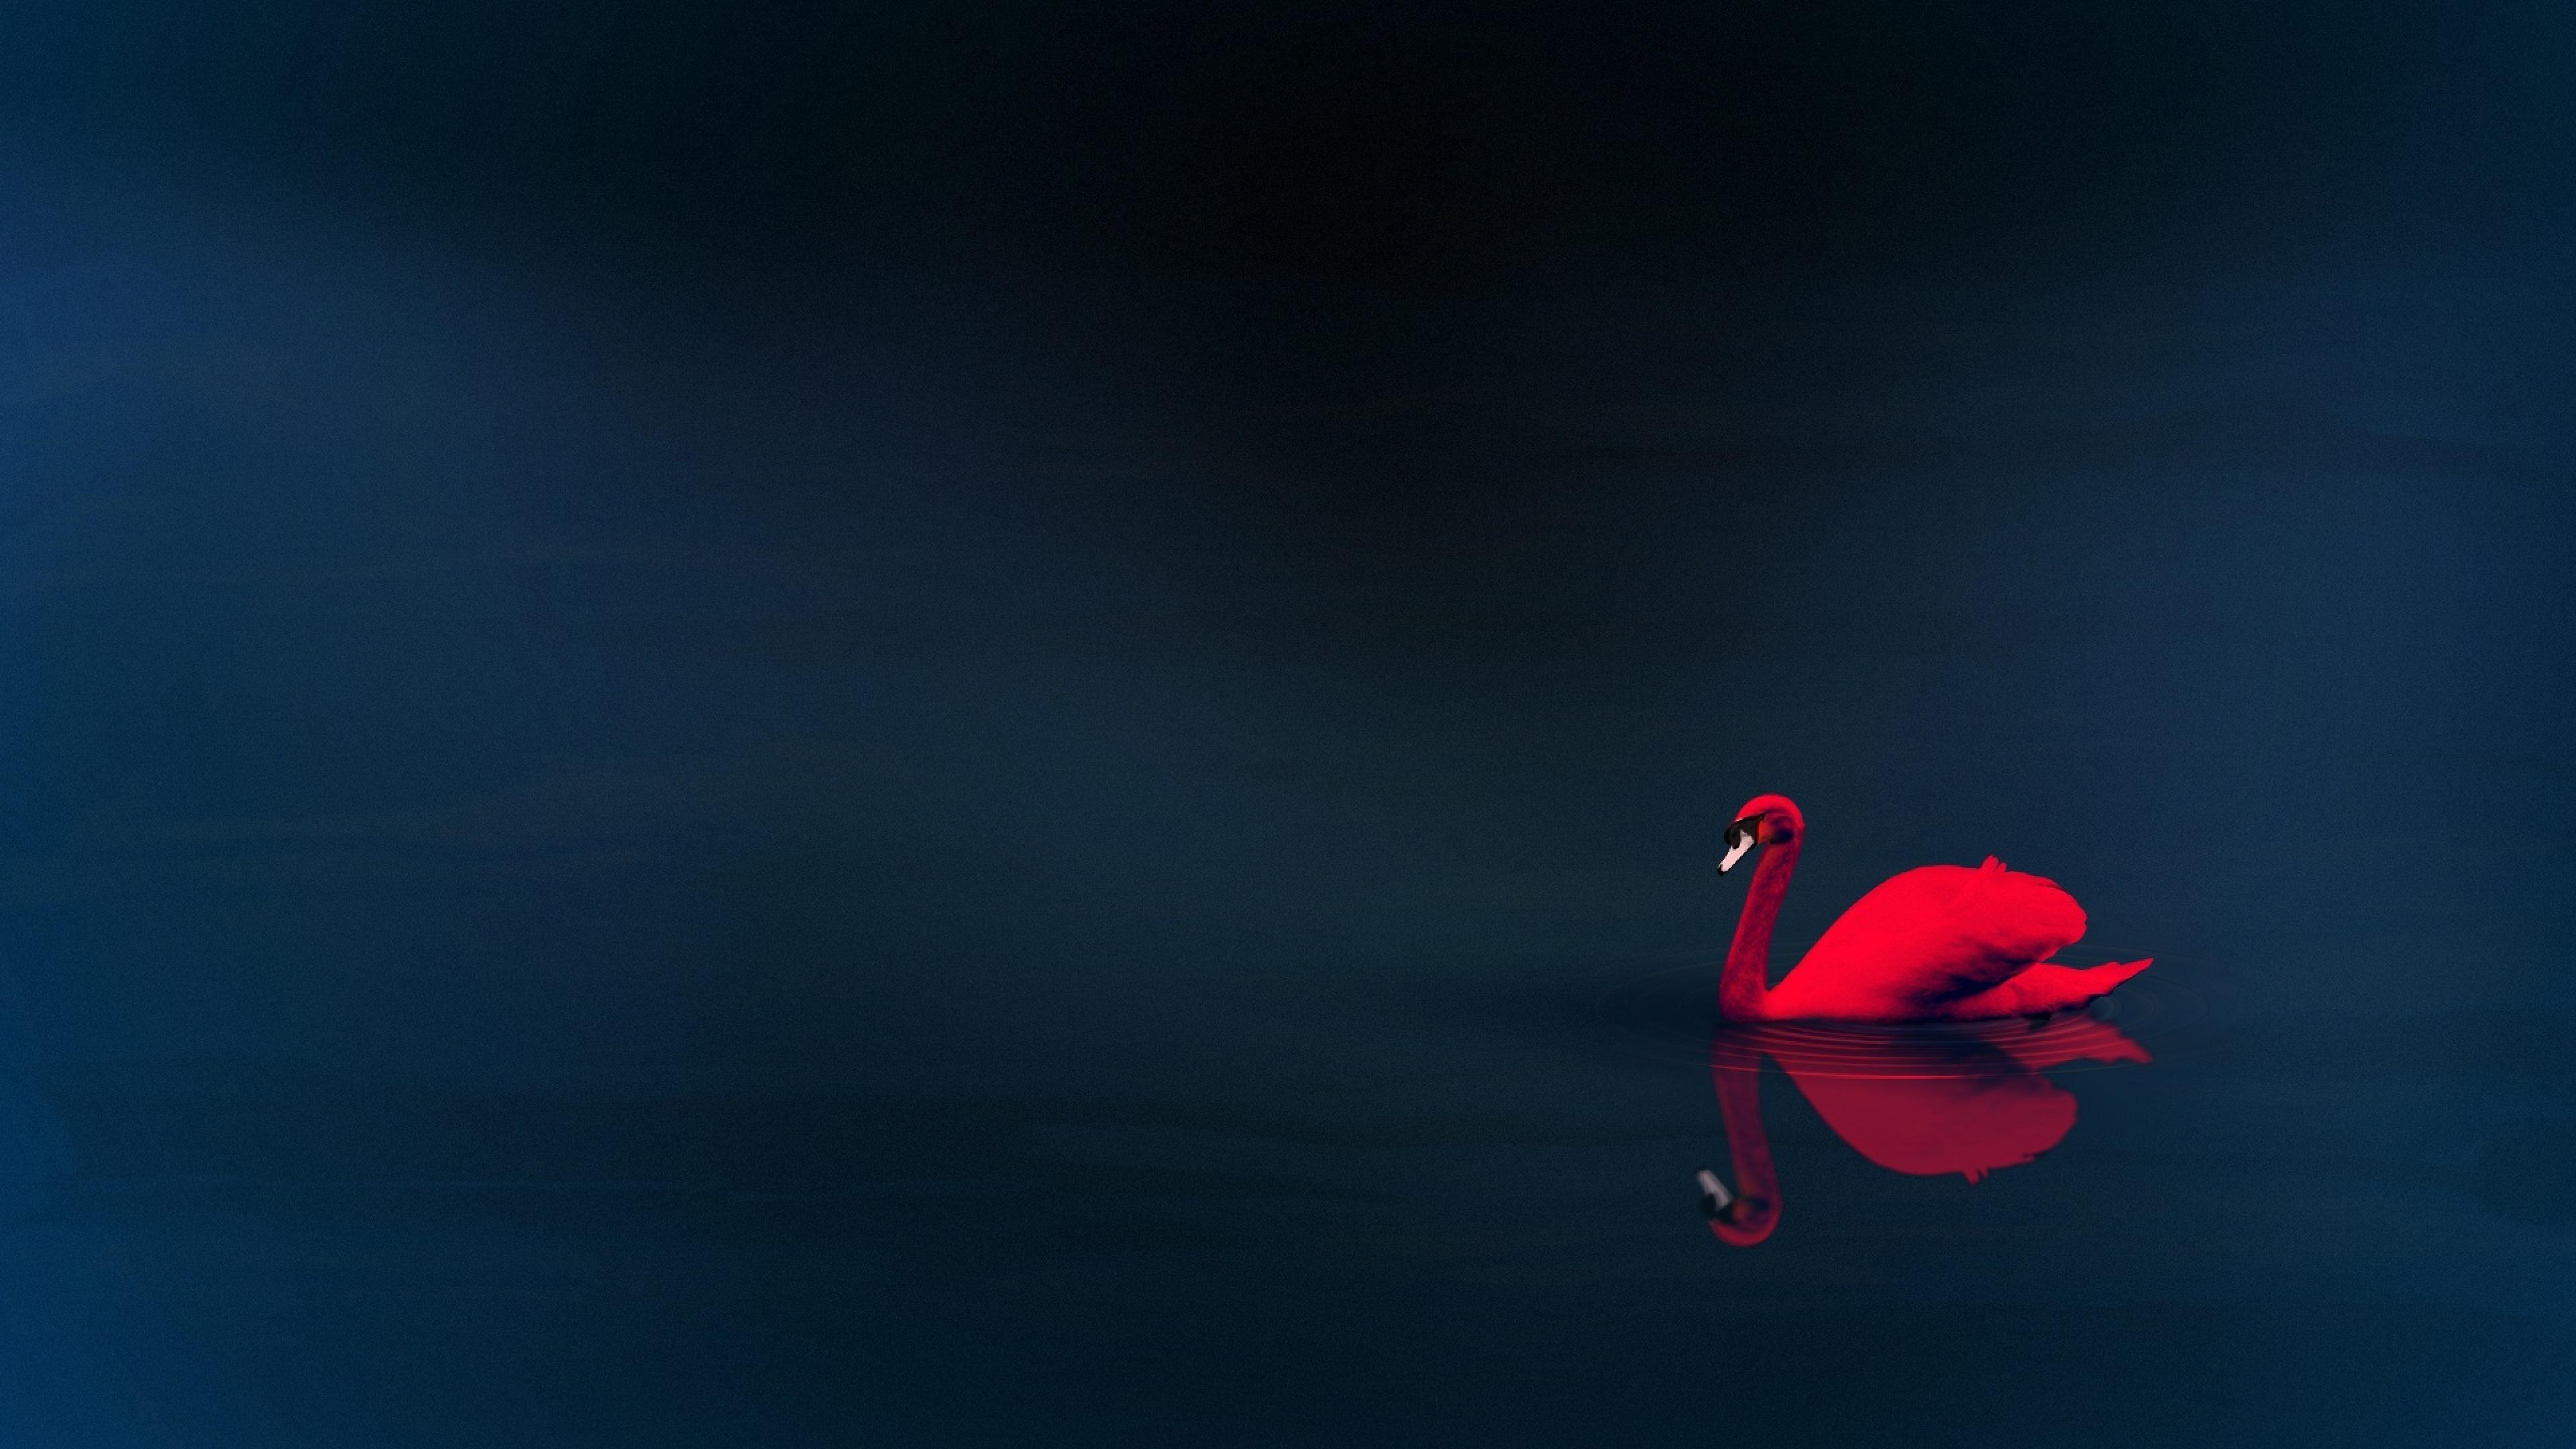 swan-4k-qu.jpg